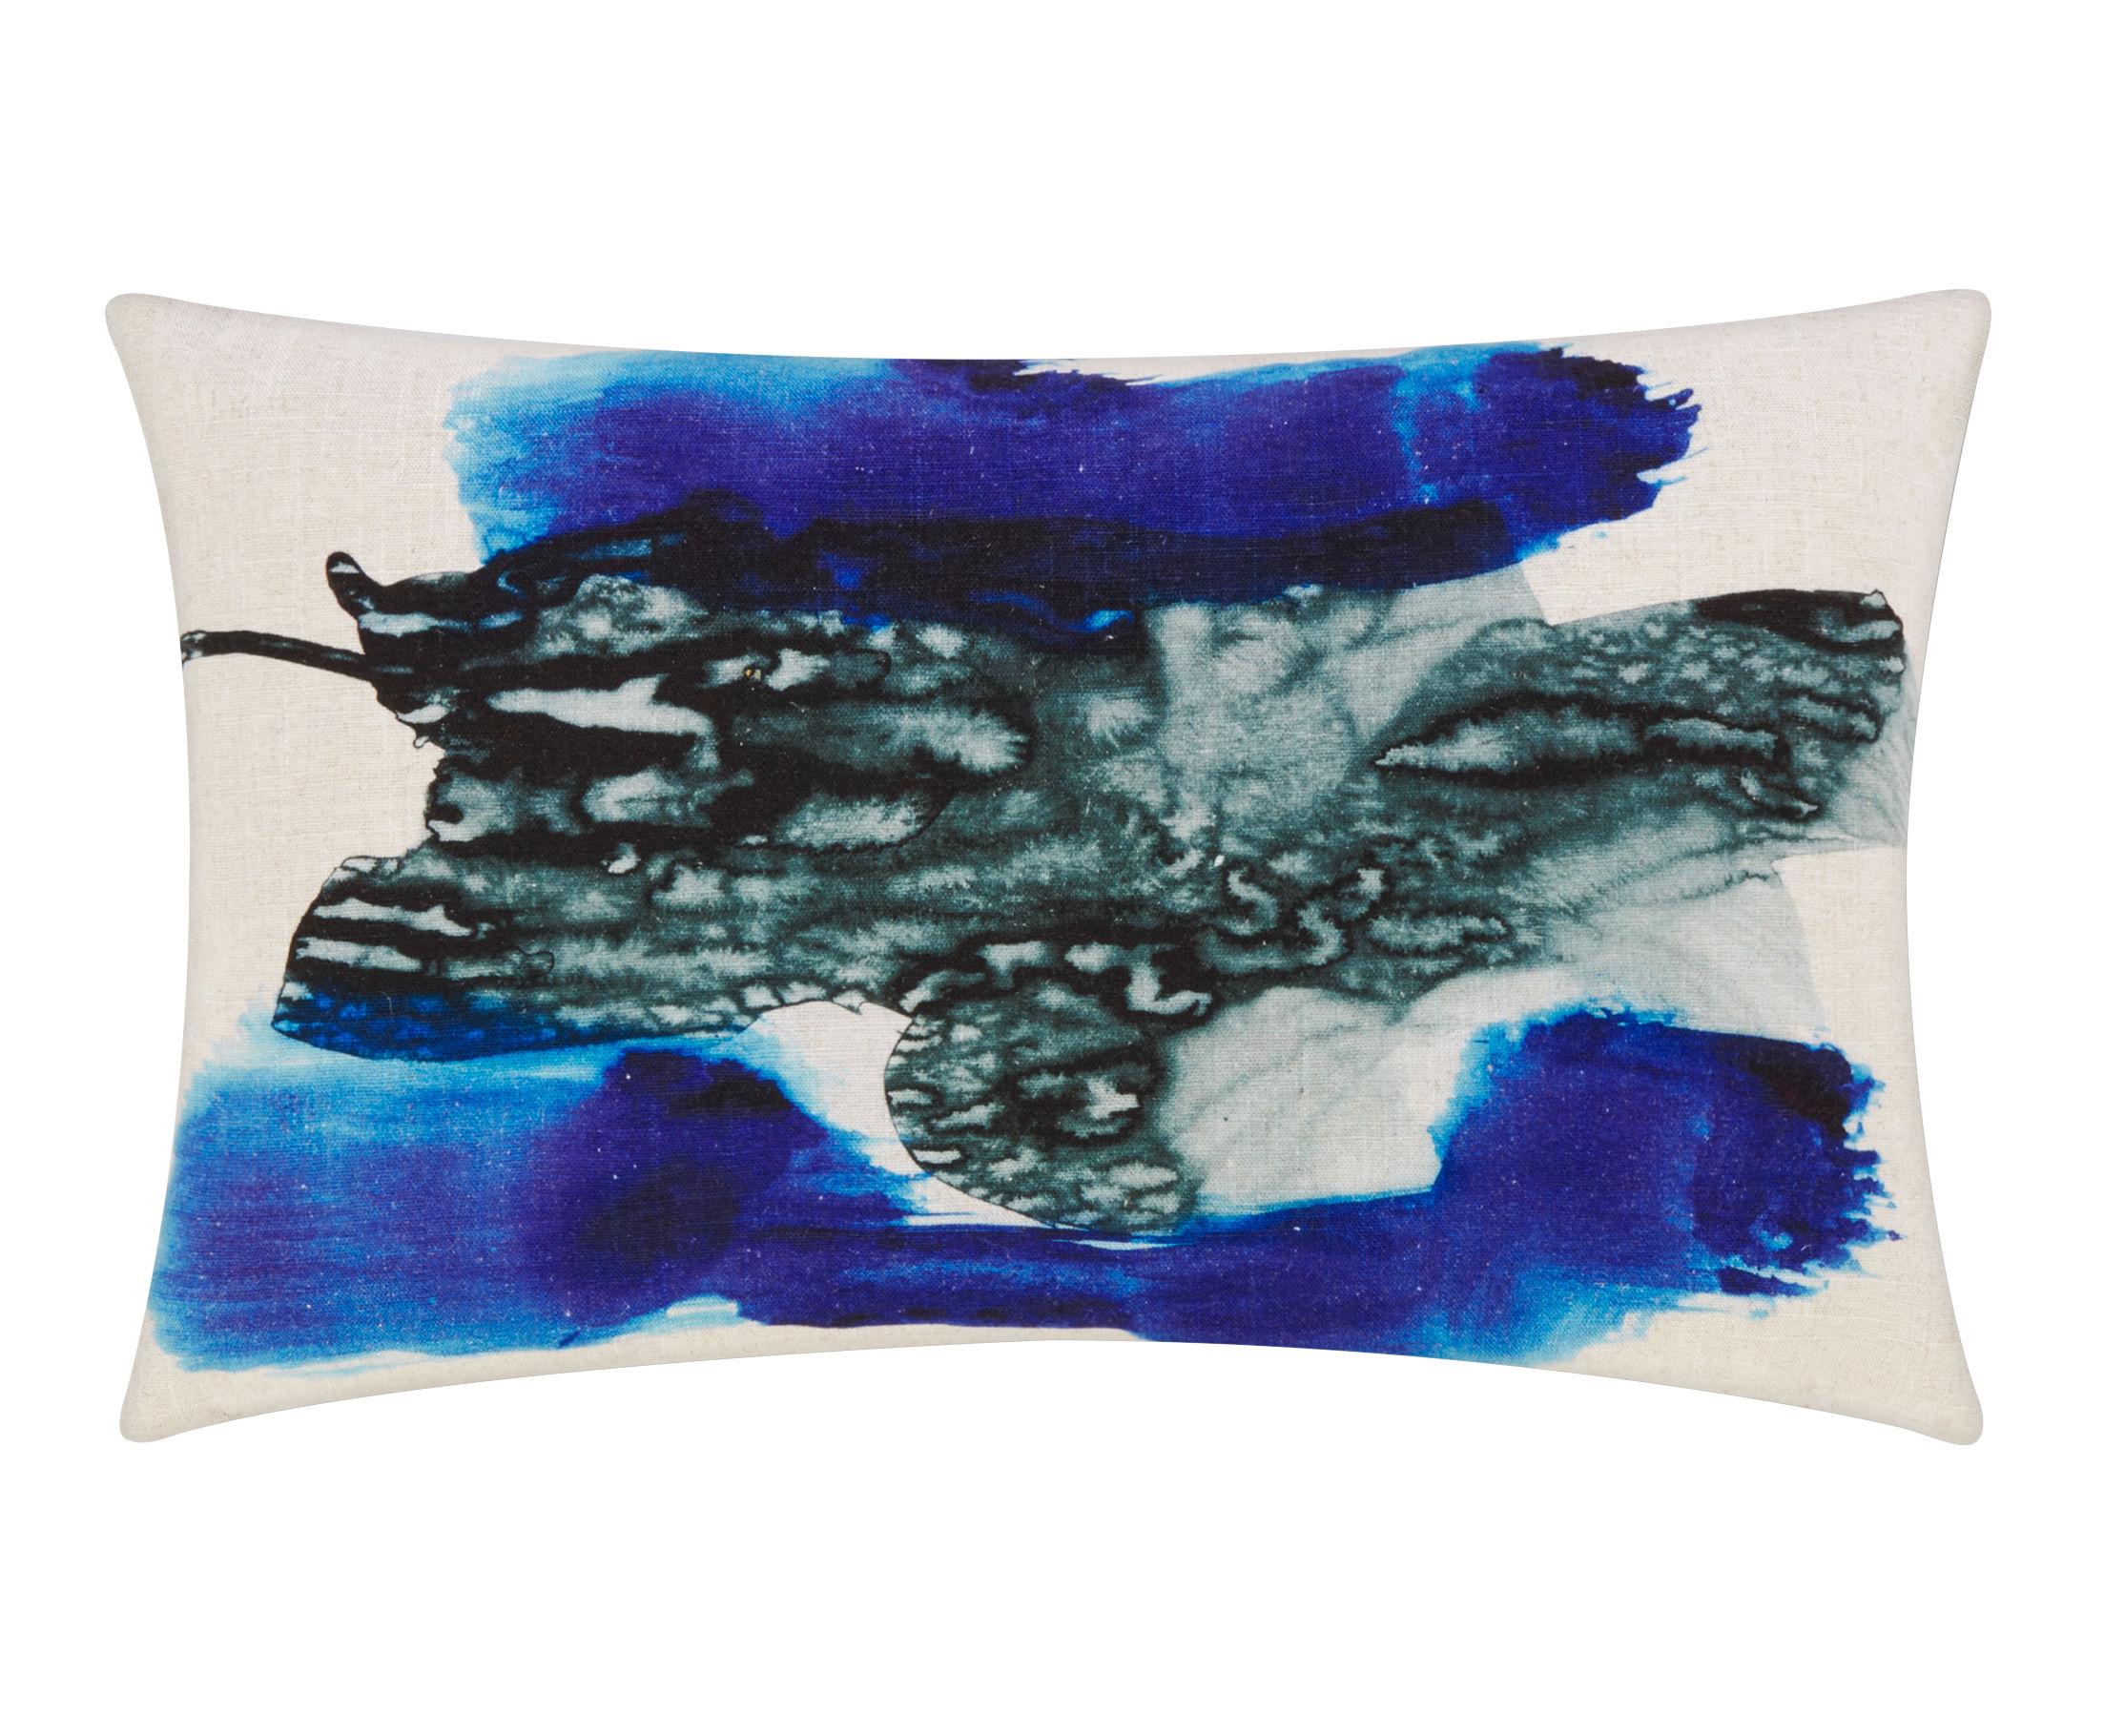 Decoration - Cushions & Poufs - Blot Cushion - / 40 x 60 cm by Tom Dixon - 40 x 60 cm / Blue - Linen, Plumes canard, Viscose